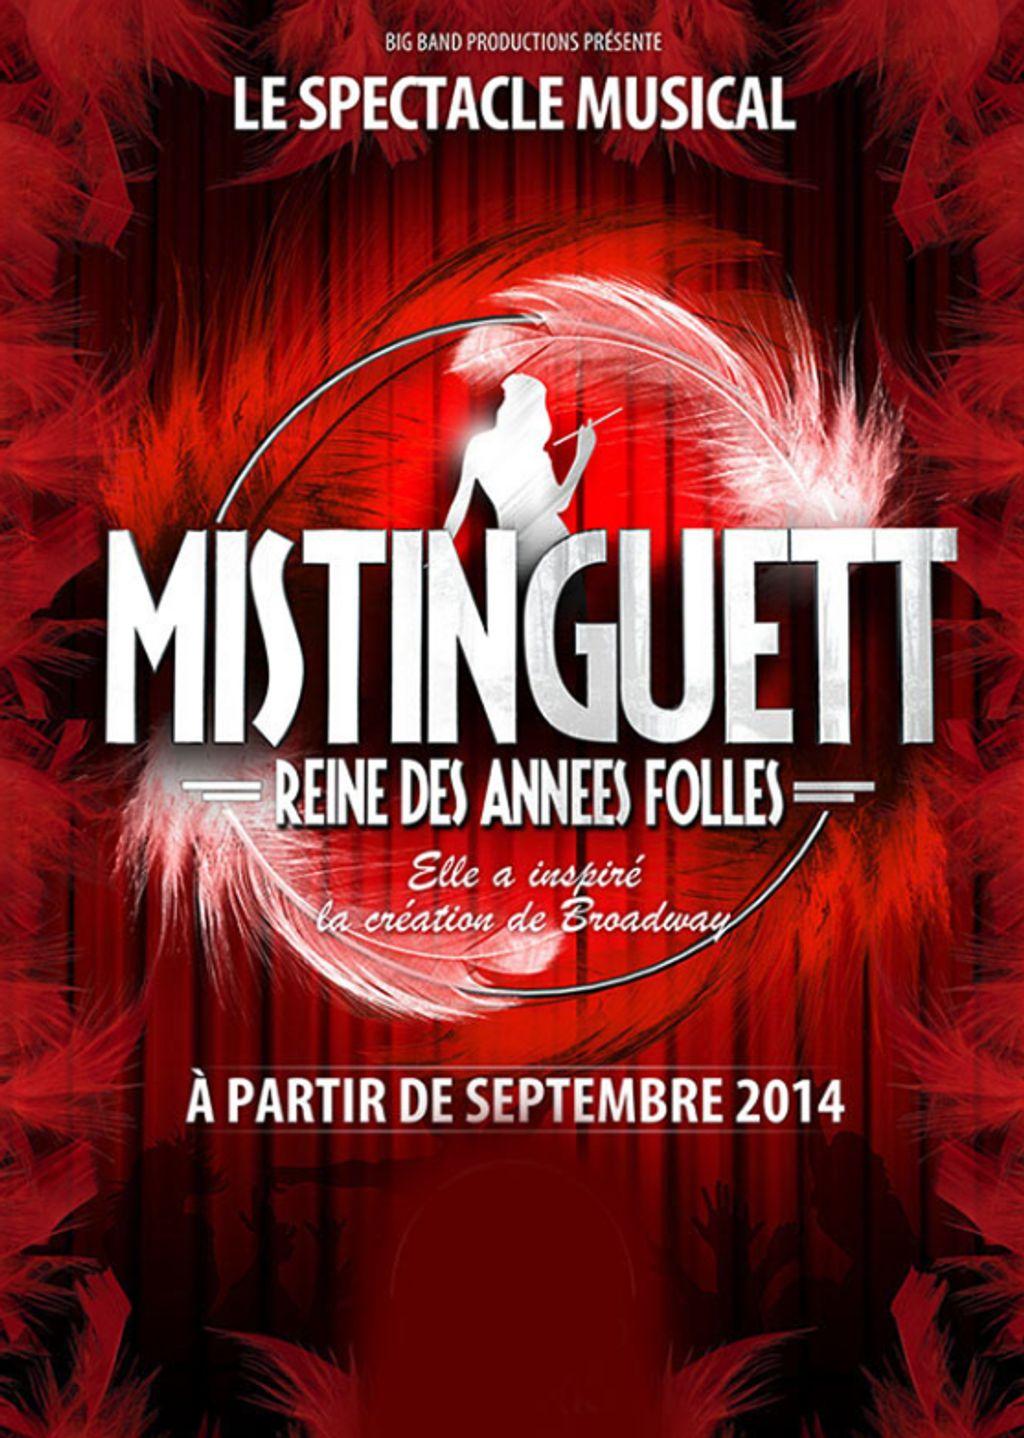 Mistinguett, une chouette comédie musicale